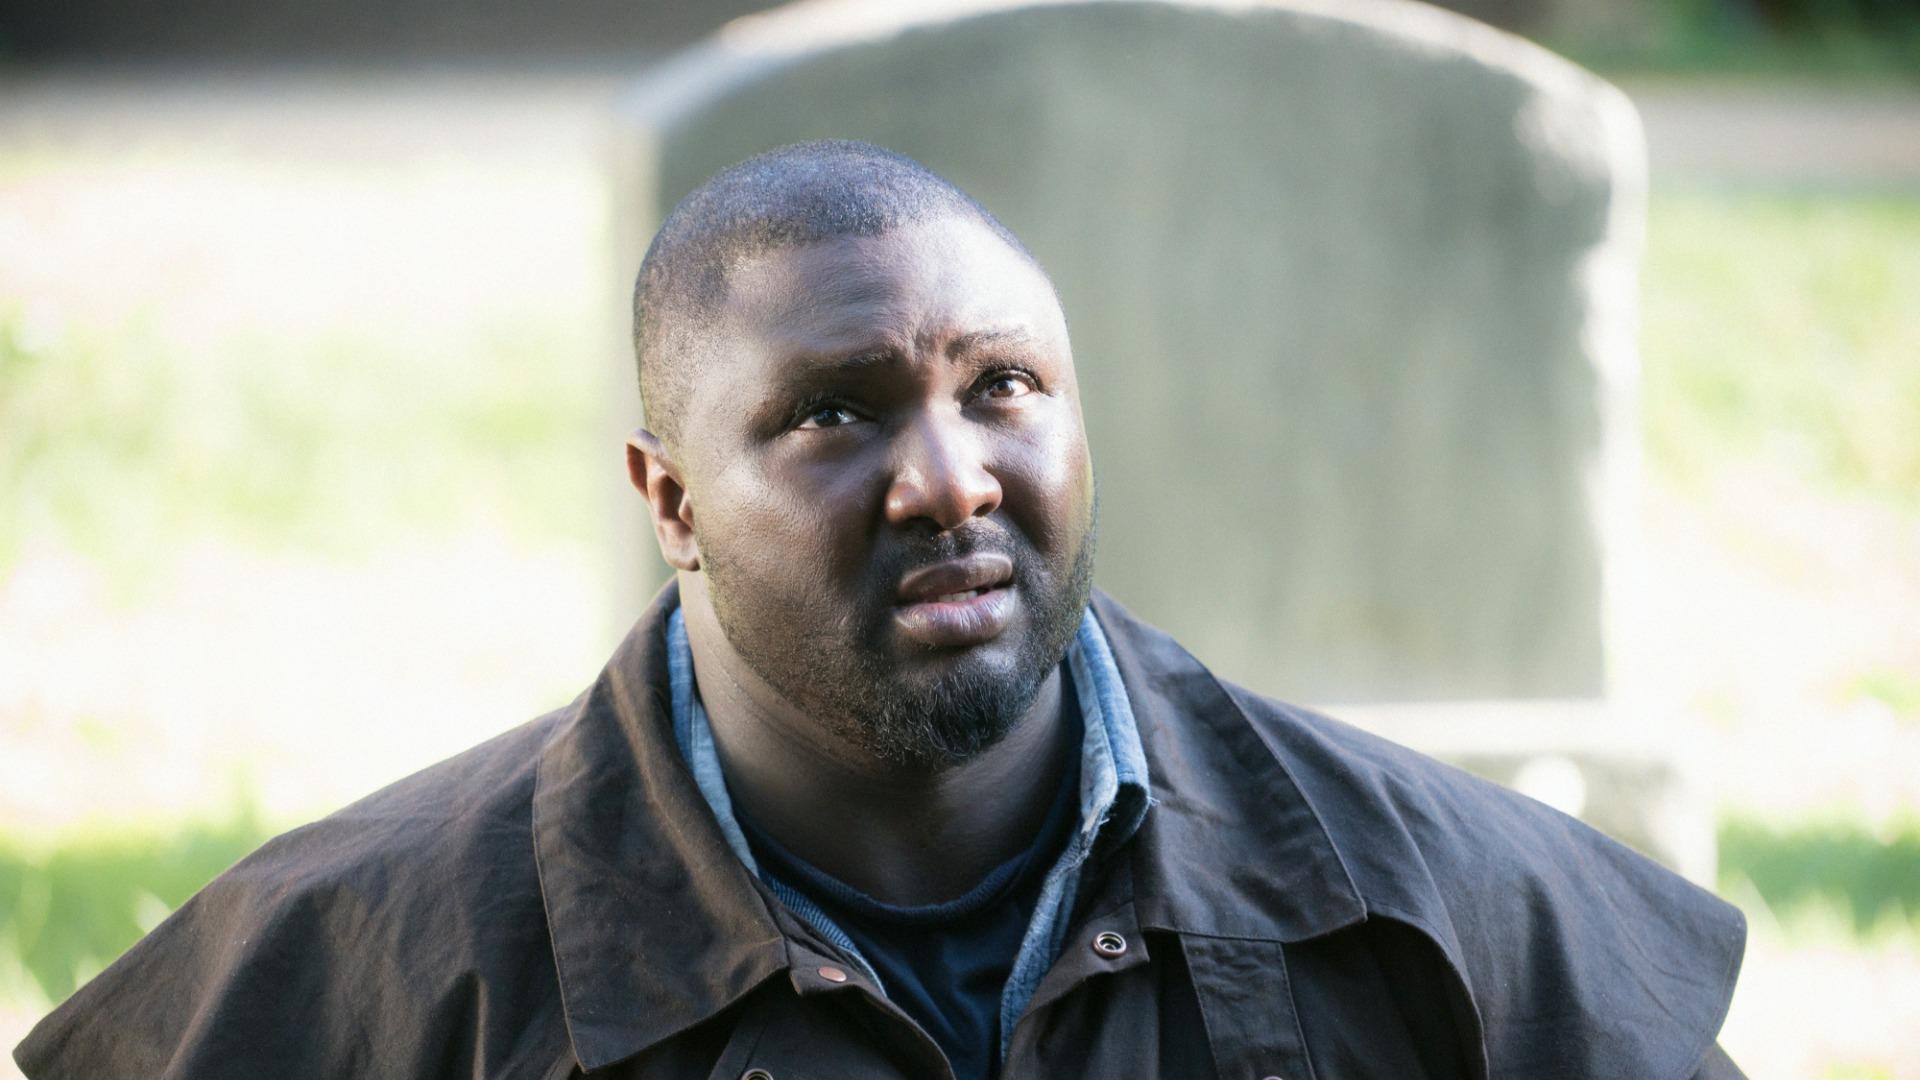 Abraham Kenyatta asks questions in a graveyard.